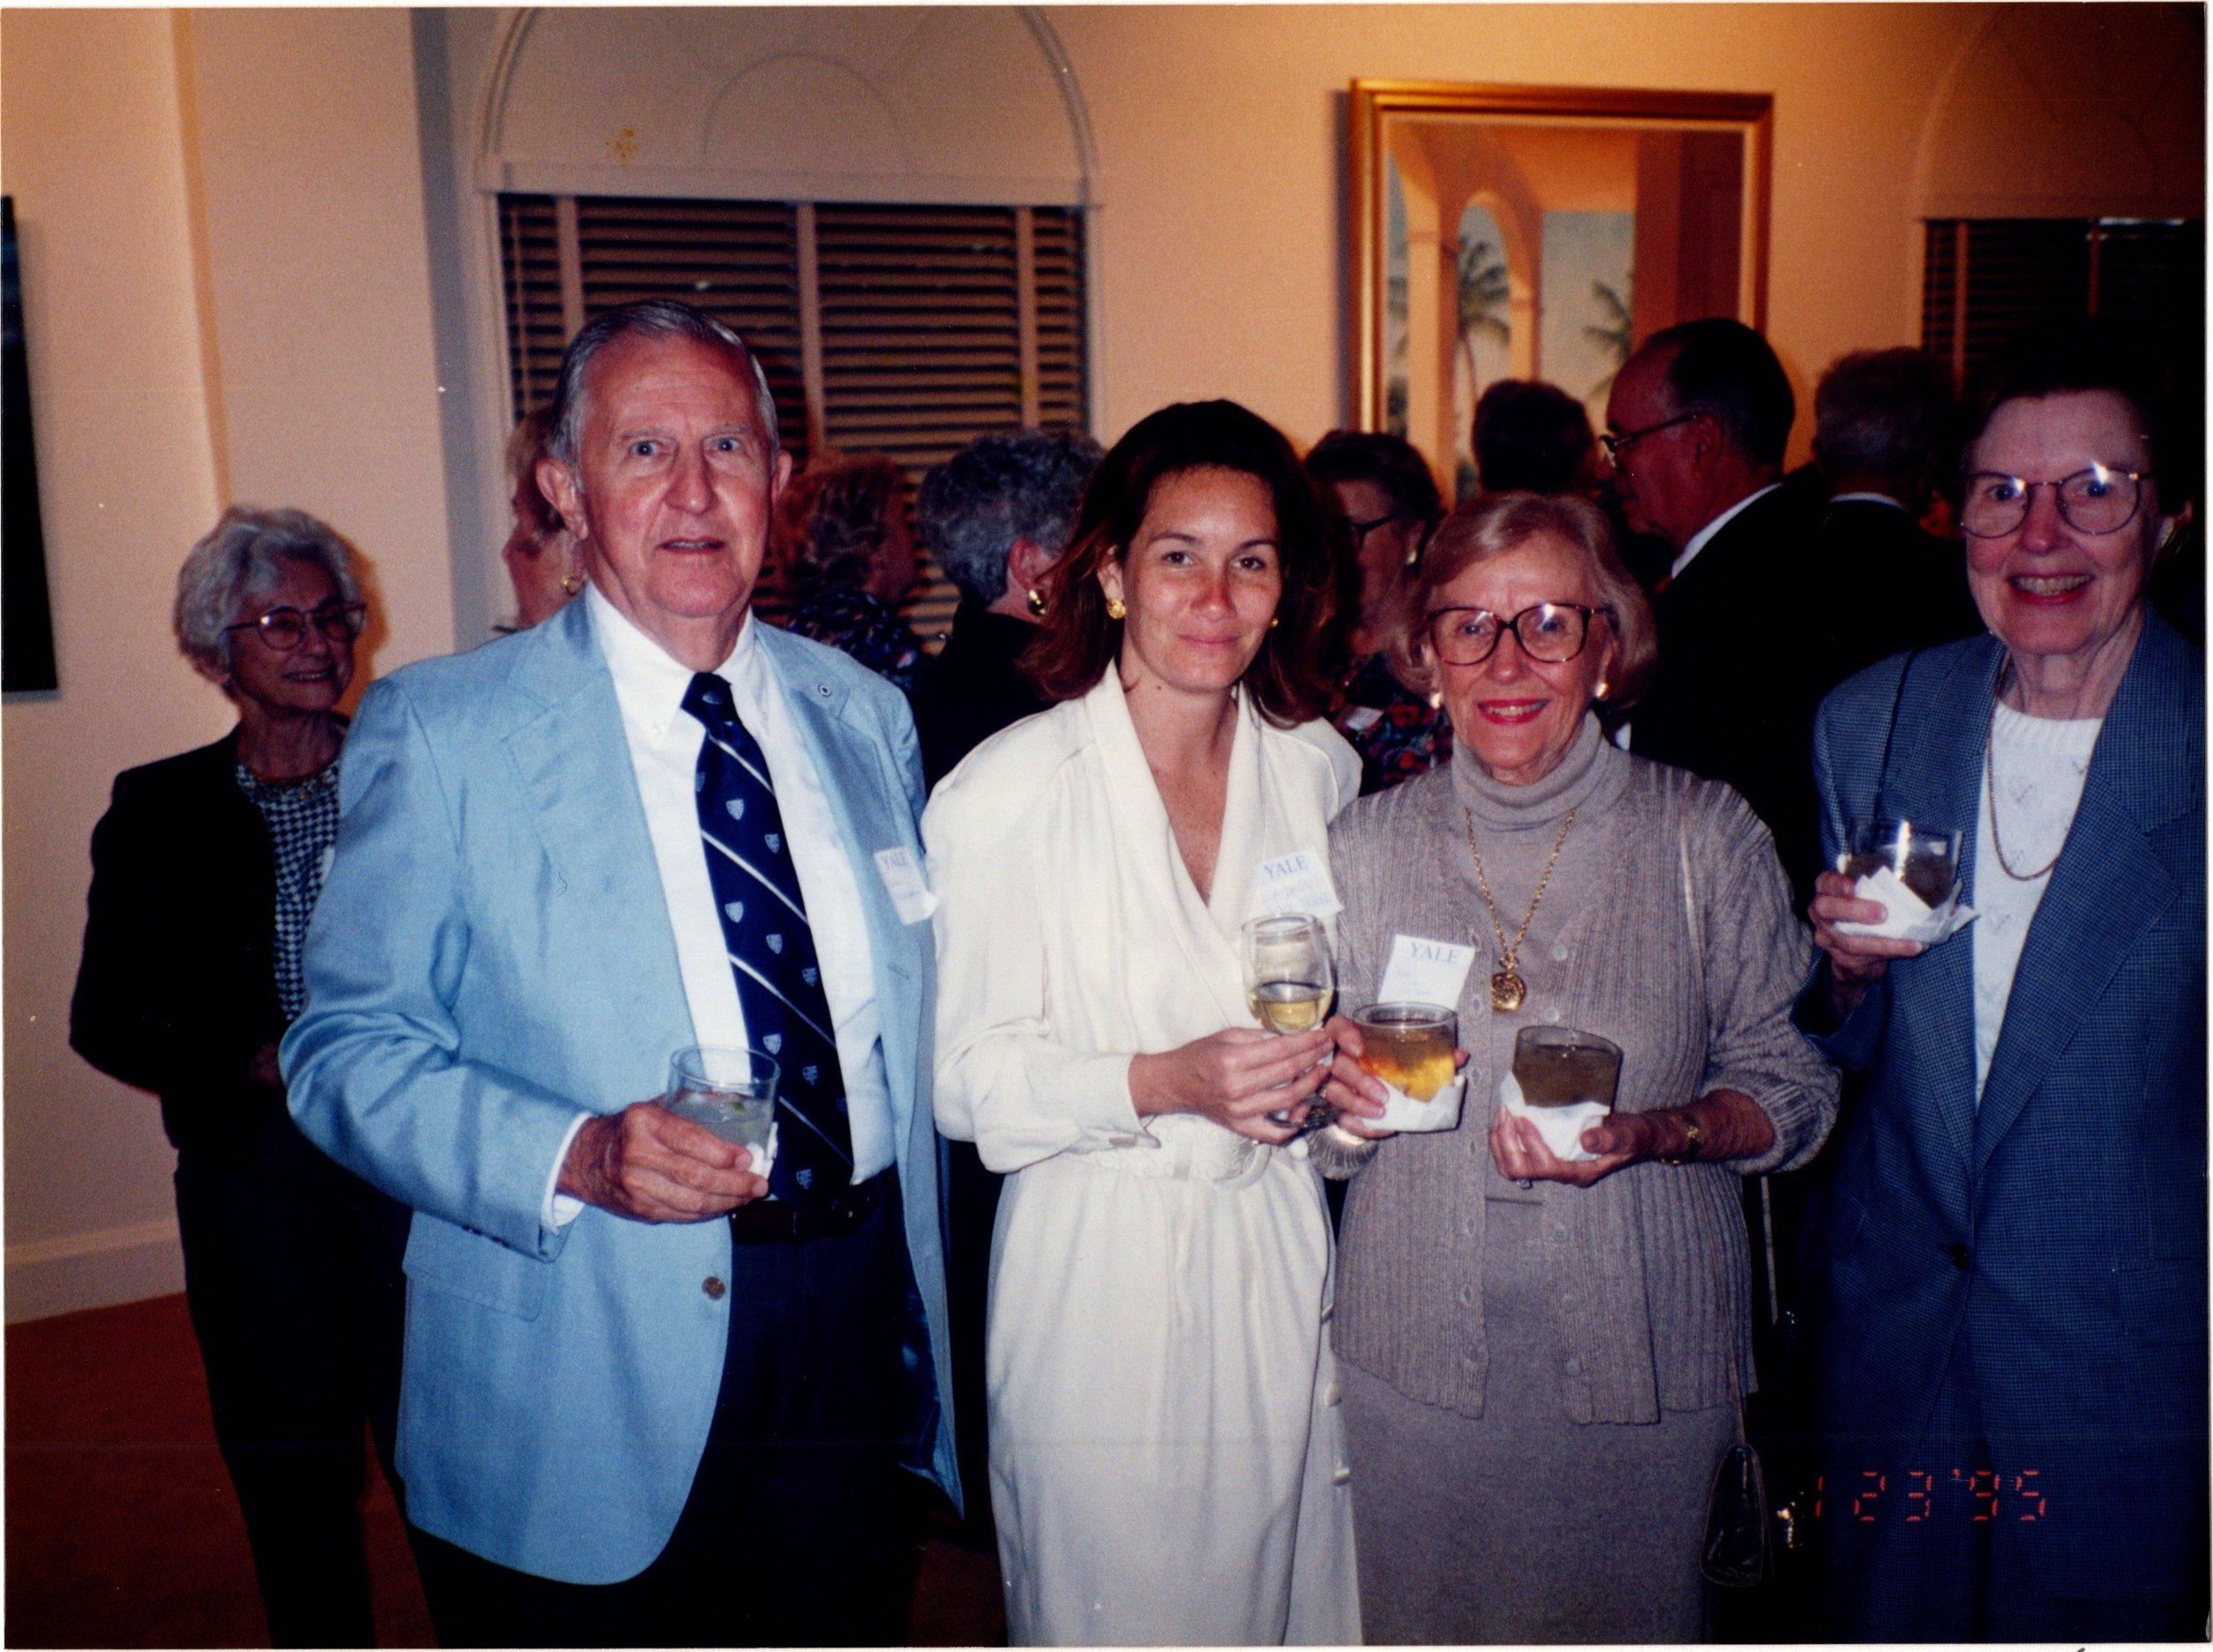 JOHN HELMSDERFER '43, LISA BALDWIN, ANN HELMSDERFER